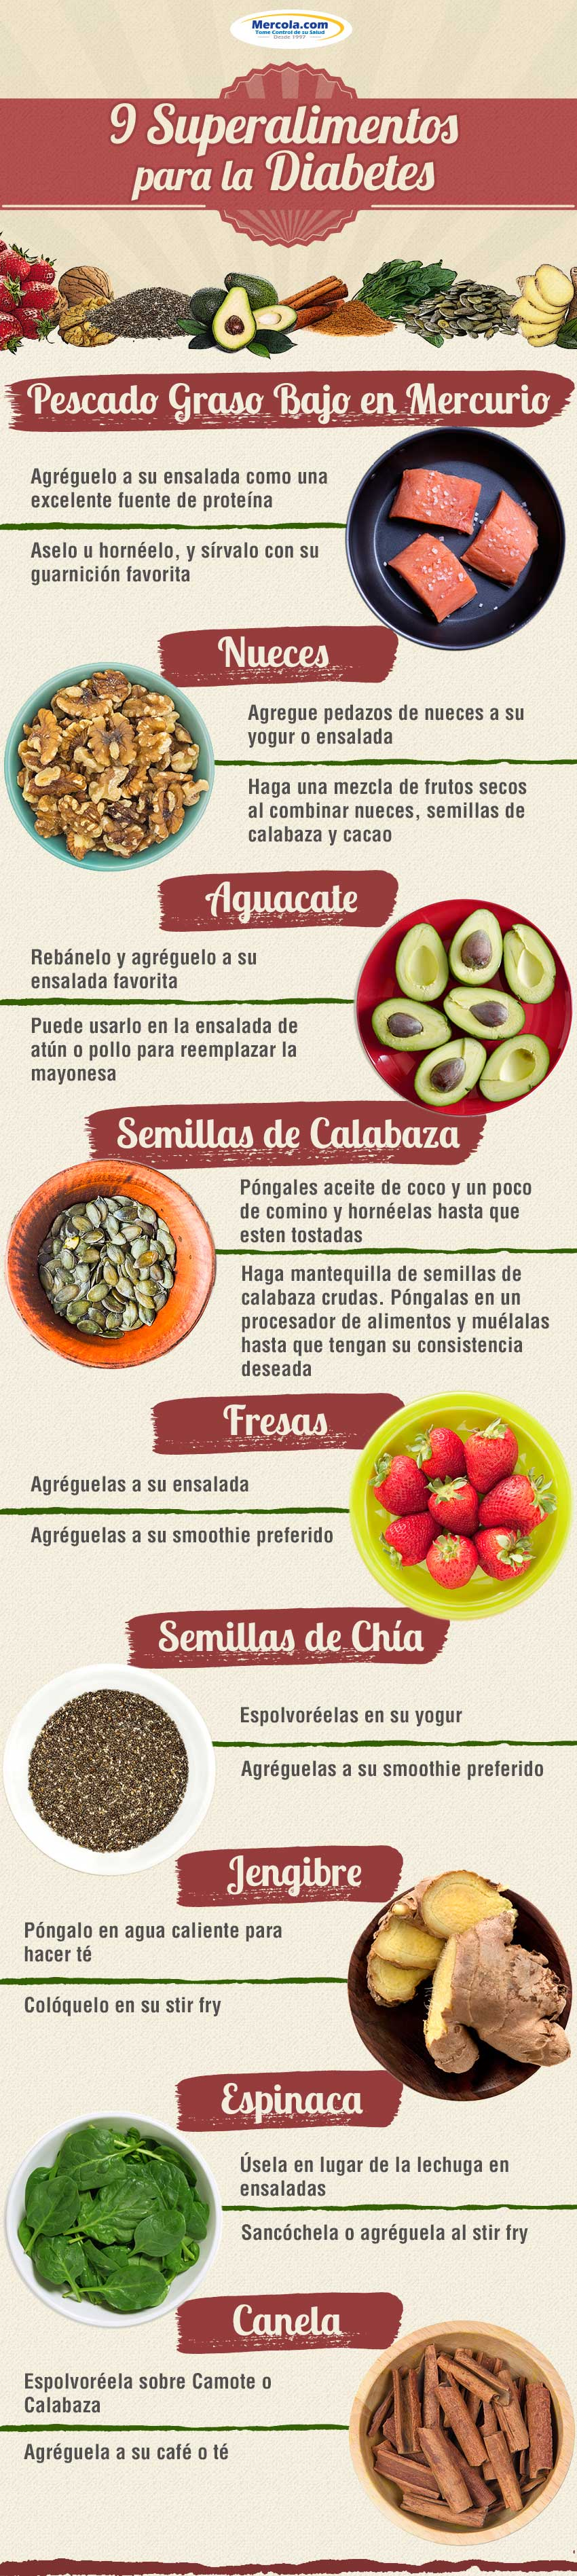 dieta para prediabetes